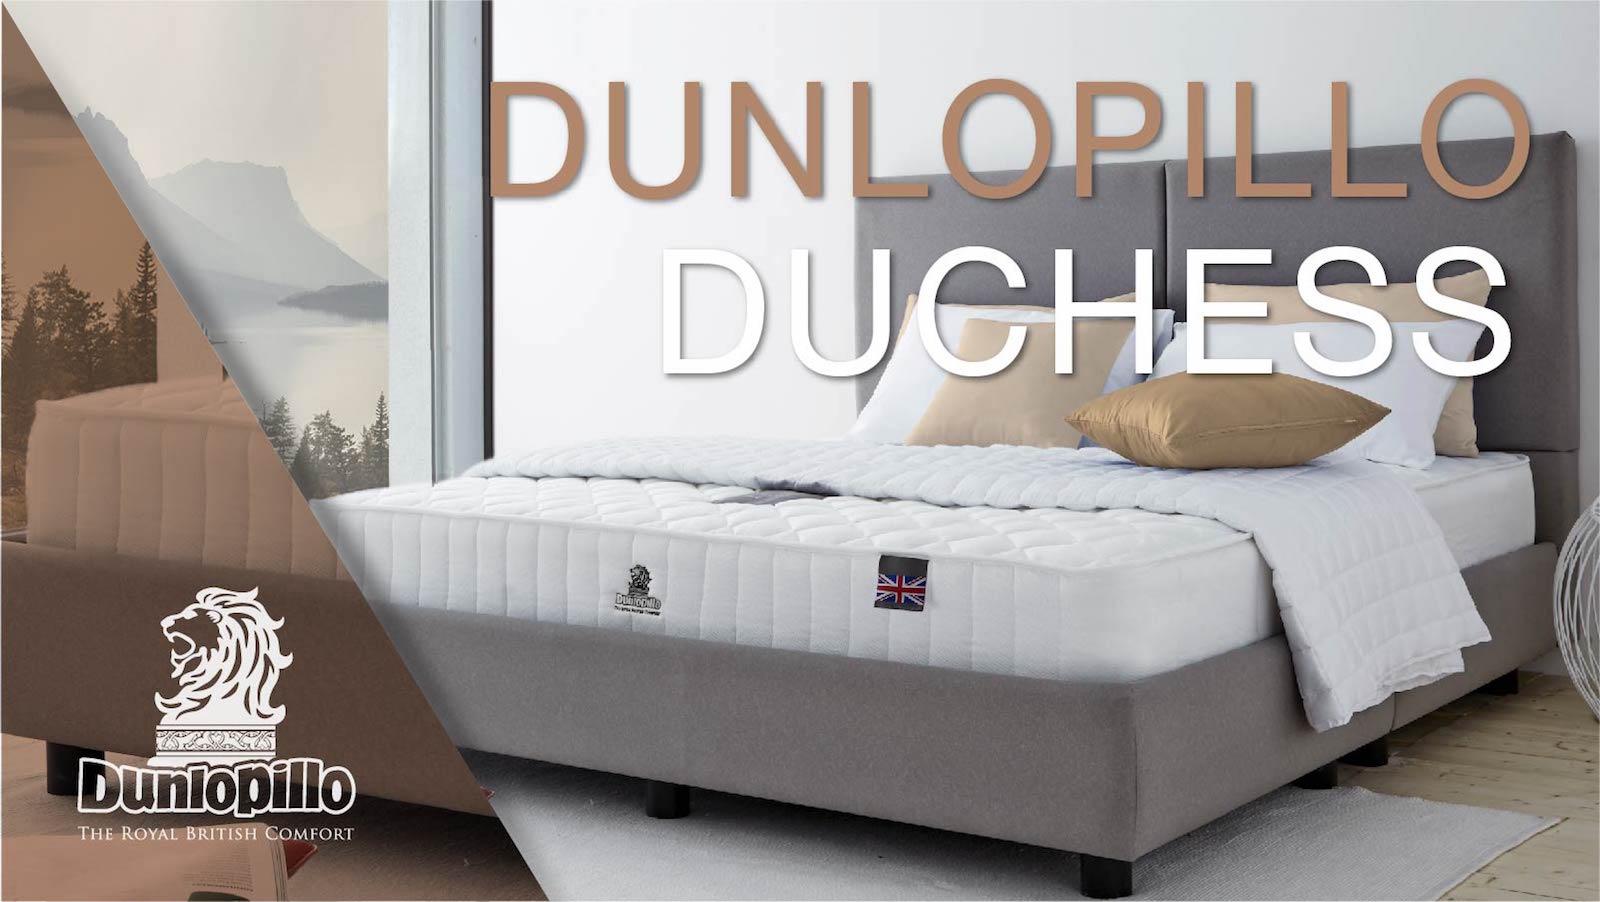 ที่นอน Dunlopillo รุ่น Duchess